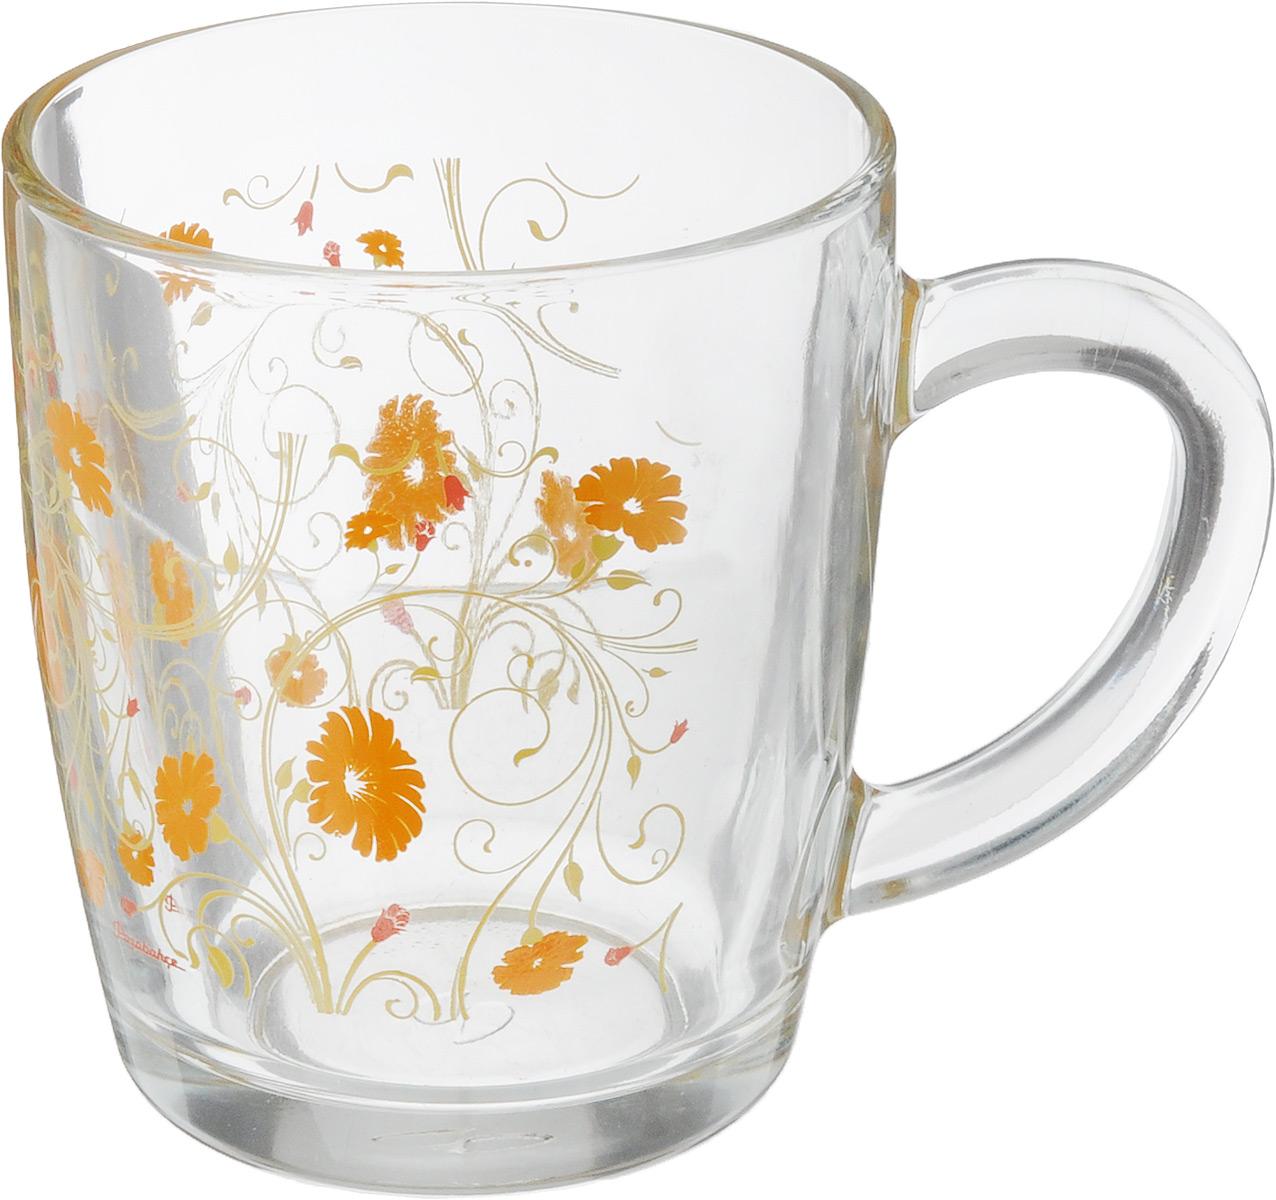 Кружка Pasabahce Serenade, цвет: прозрачный, оранжевый, 340 мл55531SLBD16Кружка Pasabahce Serenade изготовлена из прозрачного стекла и украшена красивым рисунком. Изделие идеально подходит для сервировки стола. Кружка не только украсит ваш кухонный стол, но и подчеркнет прекрасный вкус хозяйки. Диаметр кружки (по верхнему краю): 8 см. Высота кружки: 9,5 см. Объем кружки: 340 мл.